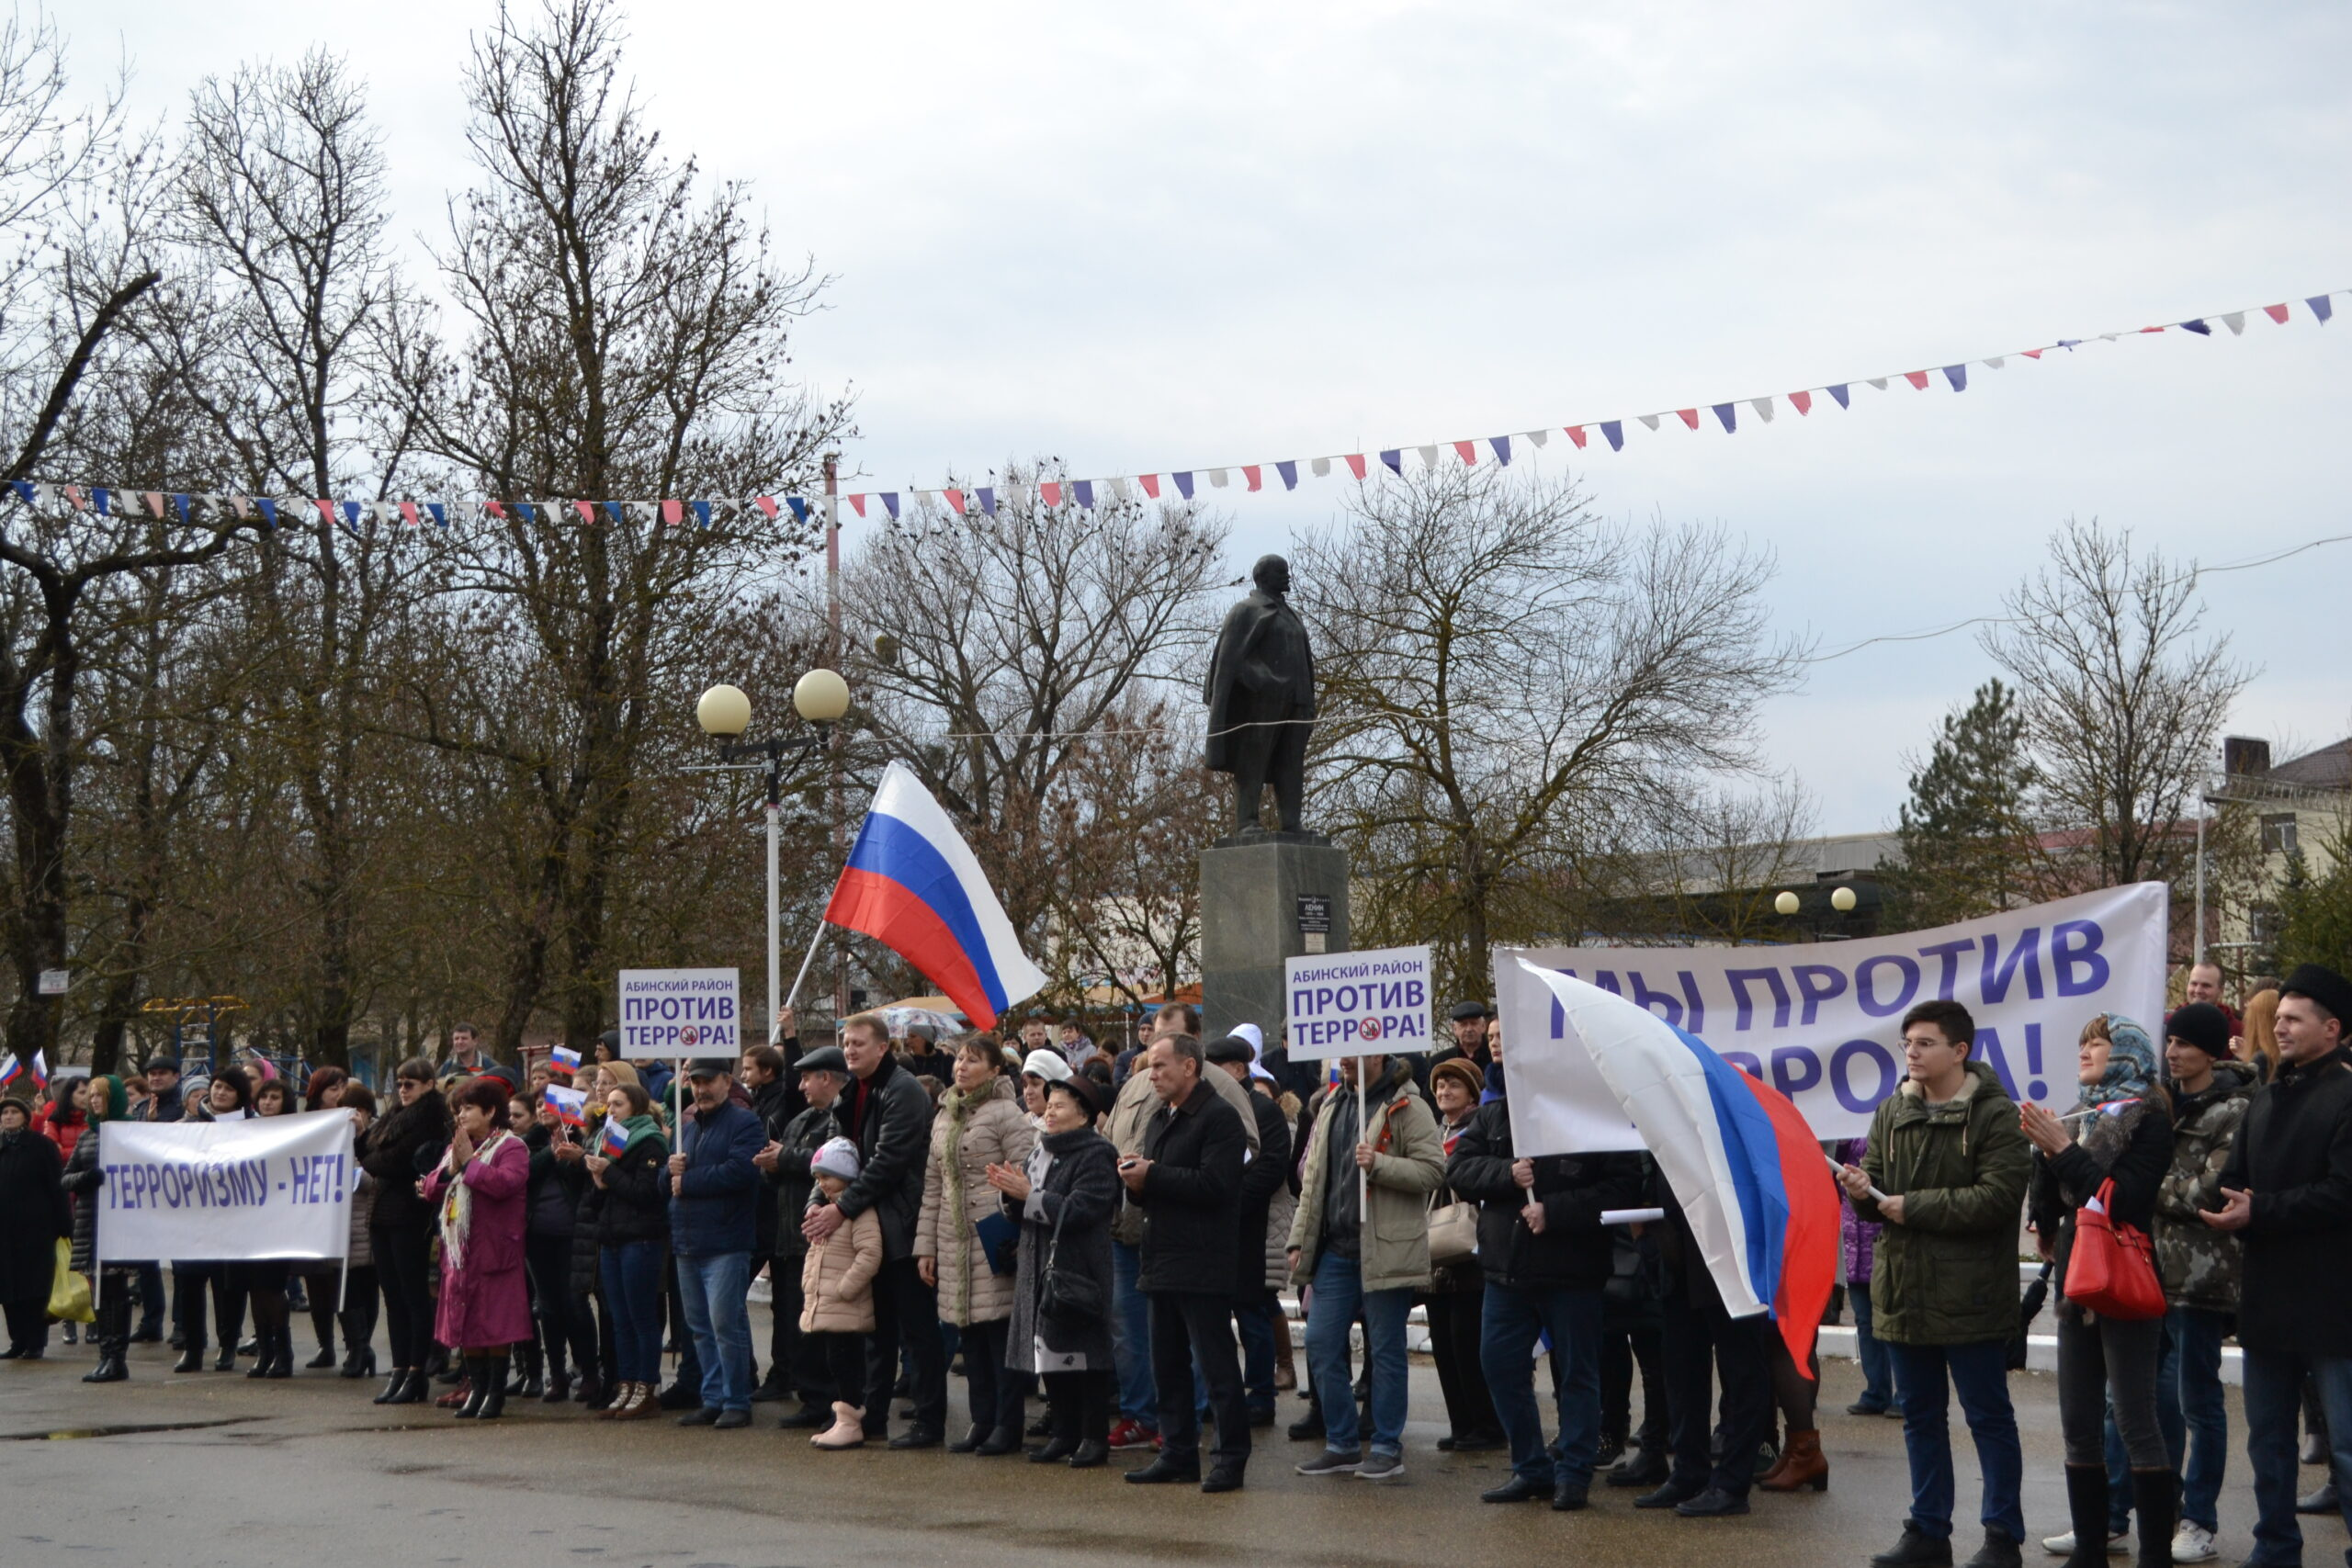 В Абинске прошел митинг в поддержку действия Российской Федерации на международной арене и популяризации волонтерского движения